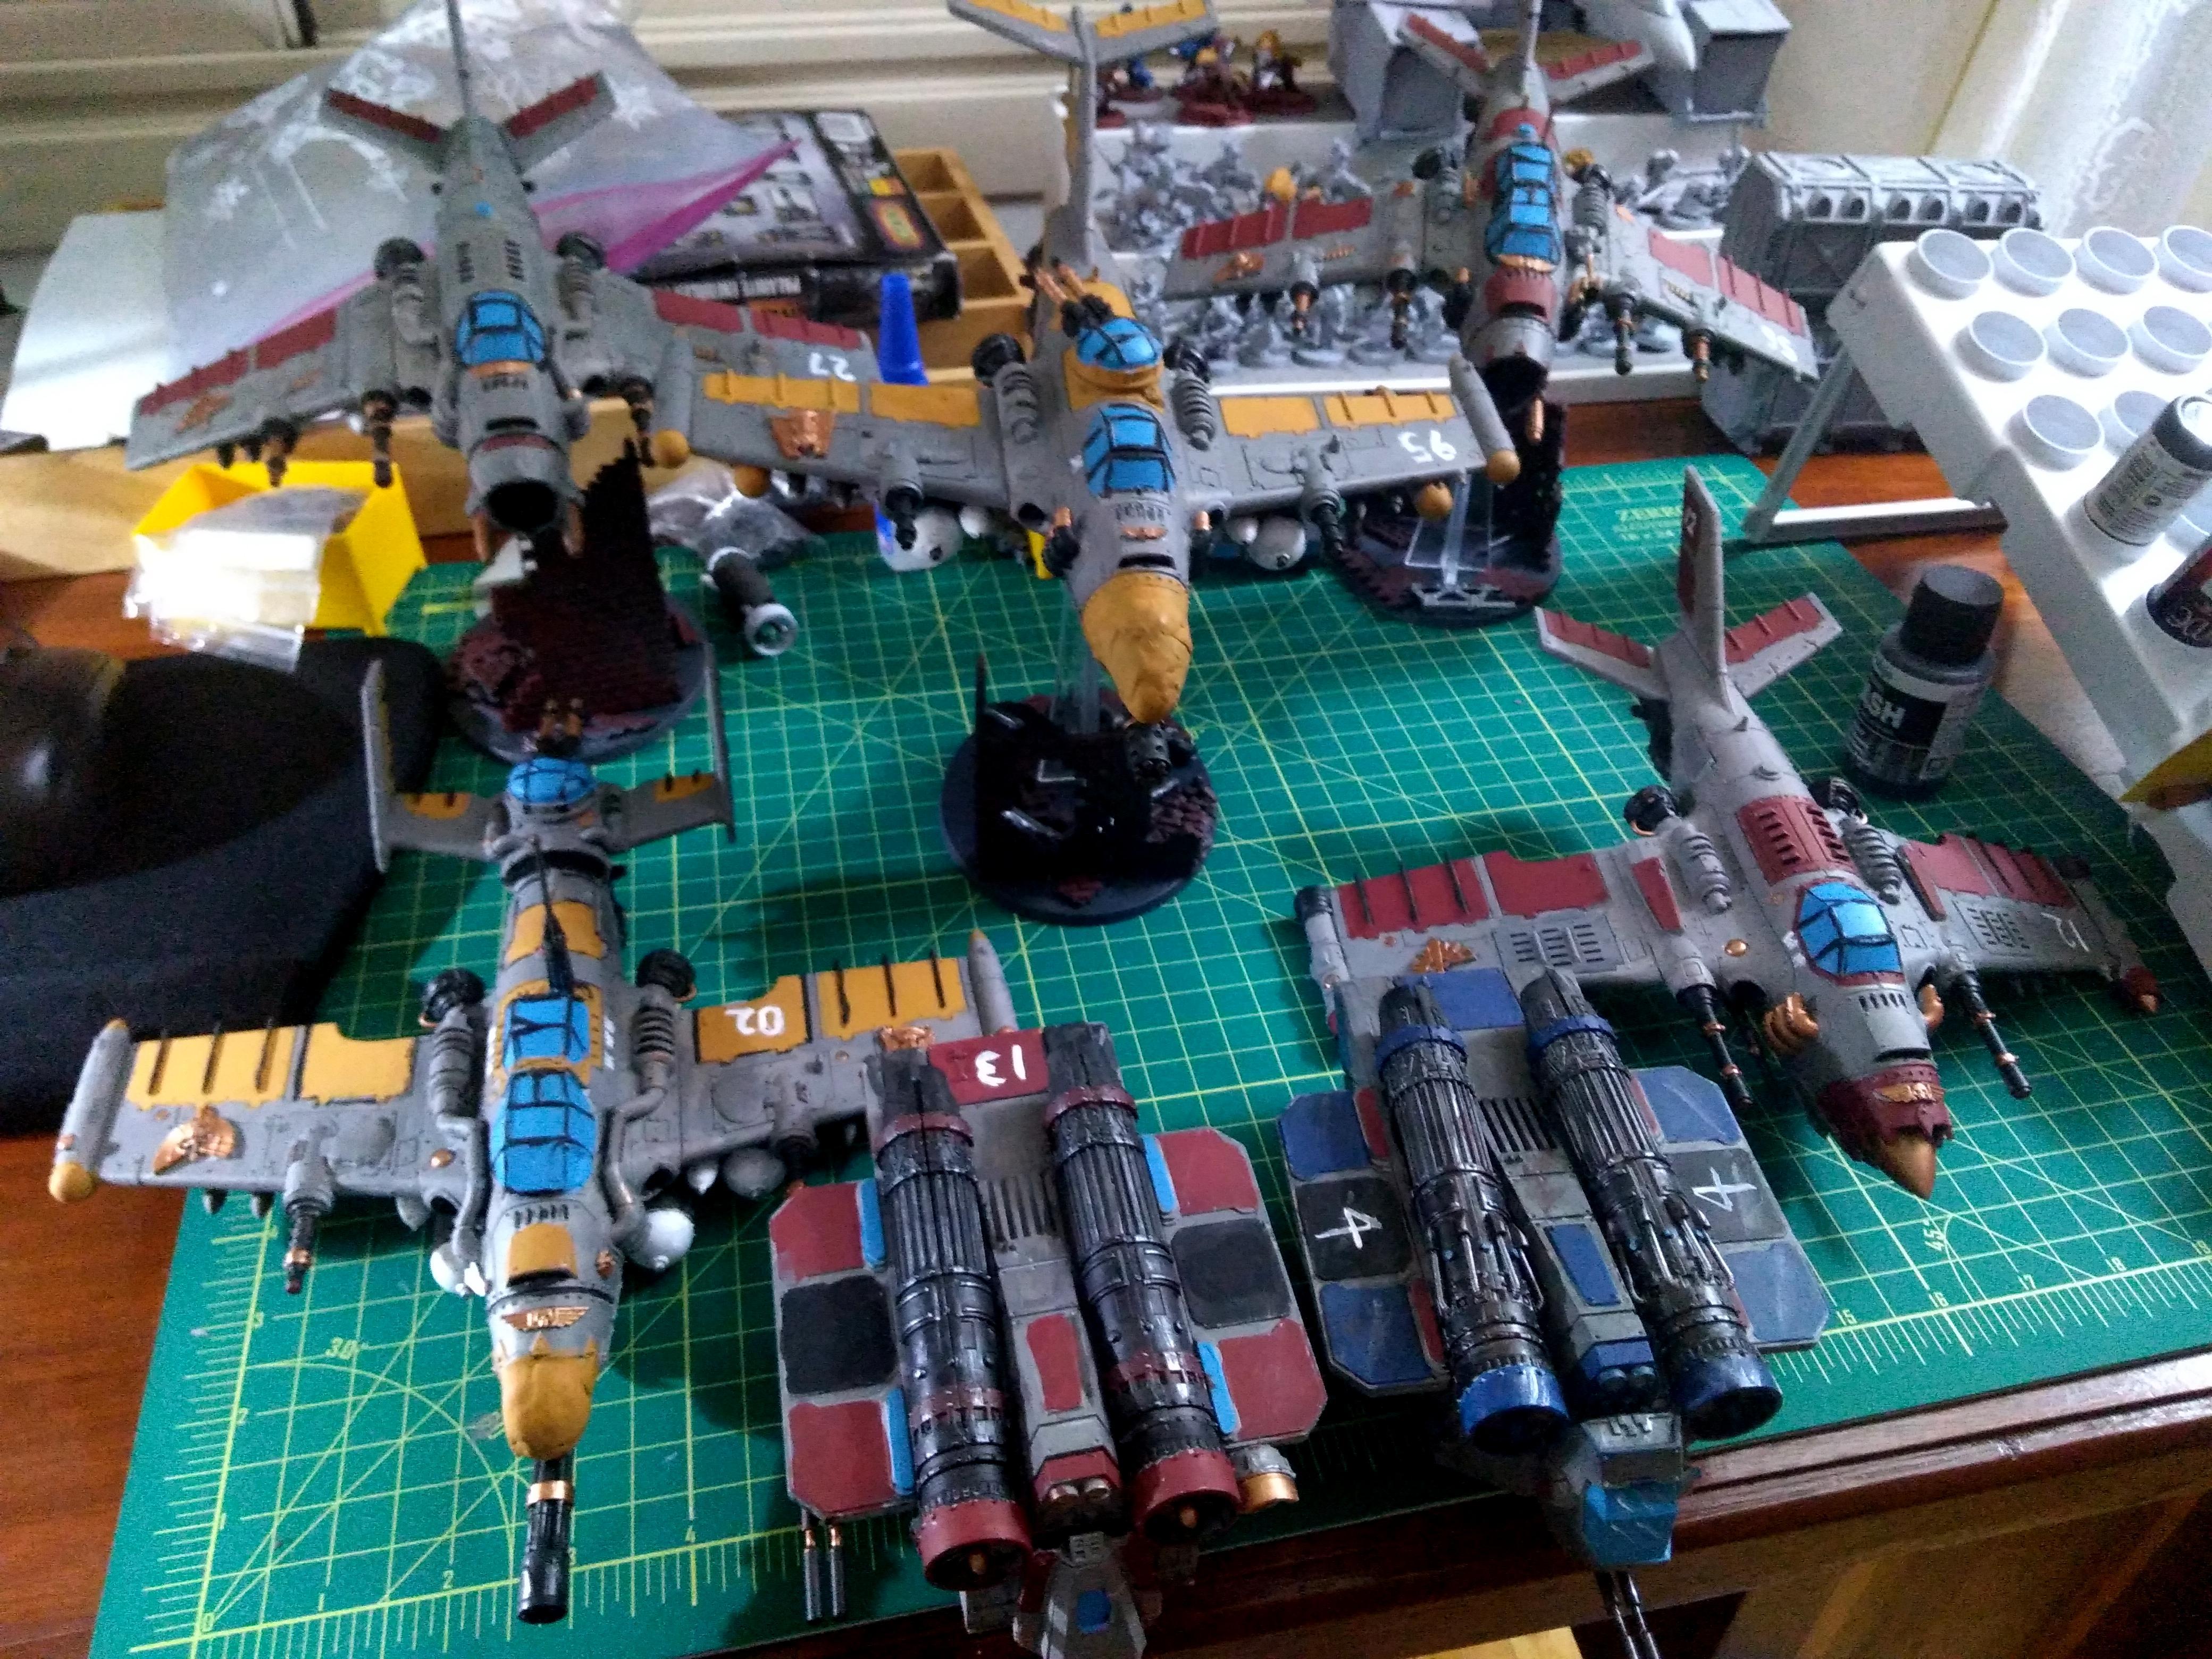 Arvus Lighter, Avenger, Dakkajet, Flyer, Imperial Guard, Lighting, Thunderbolt